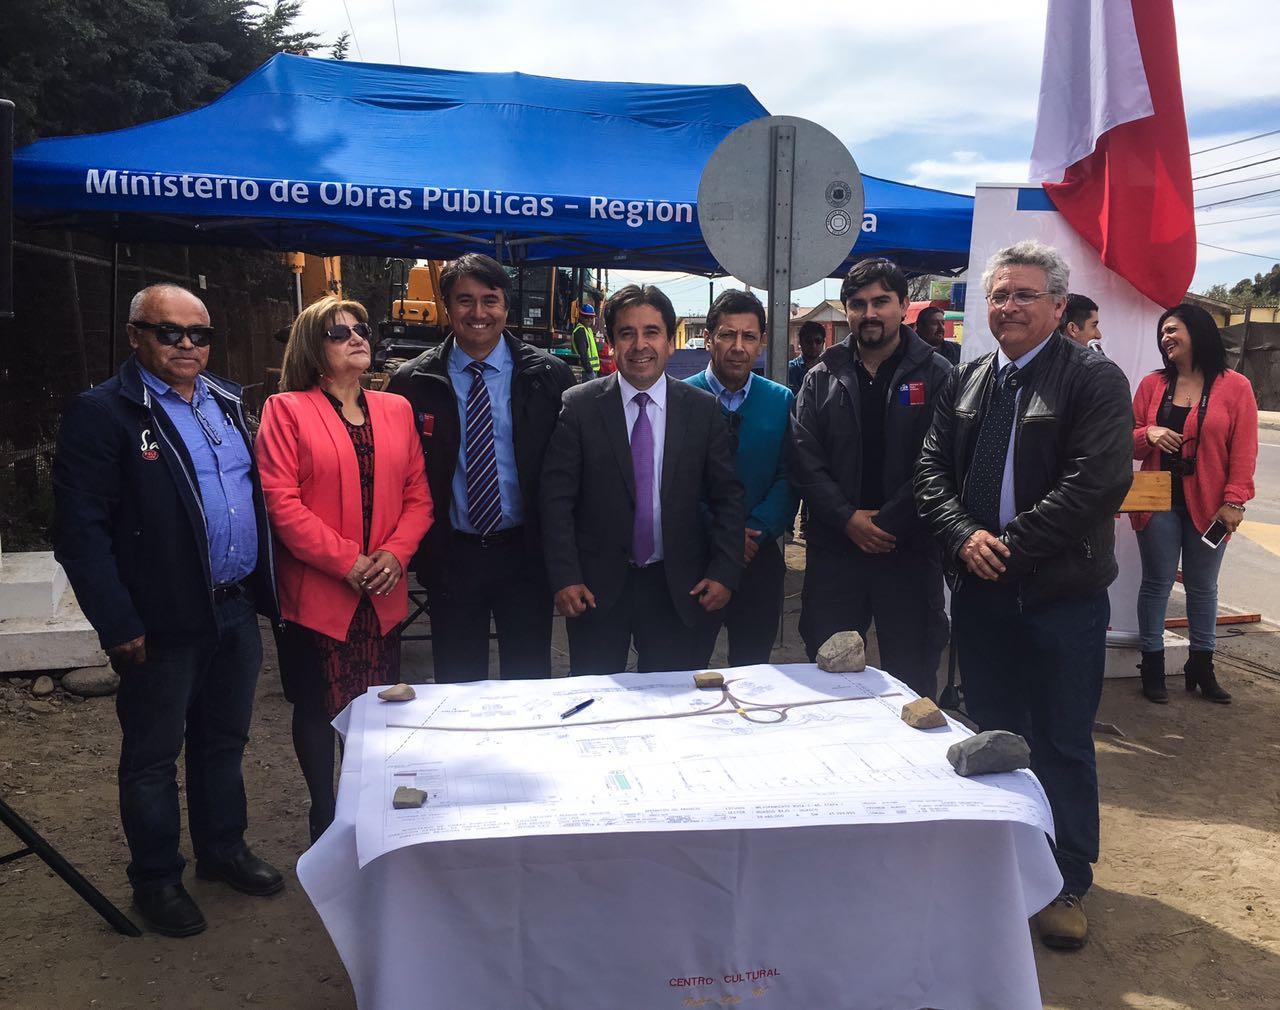 Comenzaron las obras de mejoramiento de la Ruta C-46 en Huasco Bajo